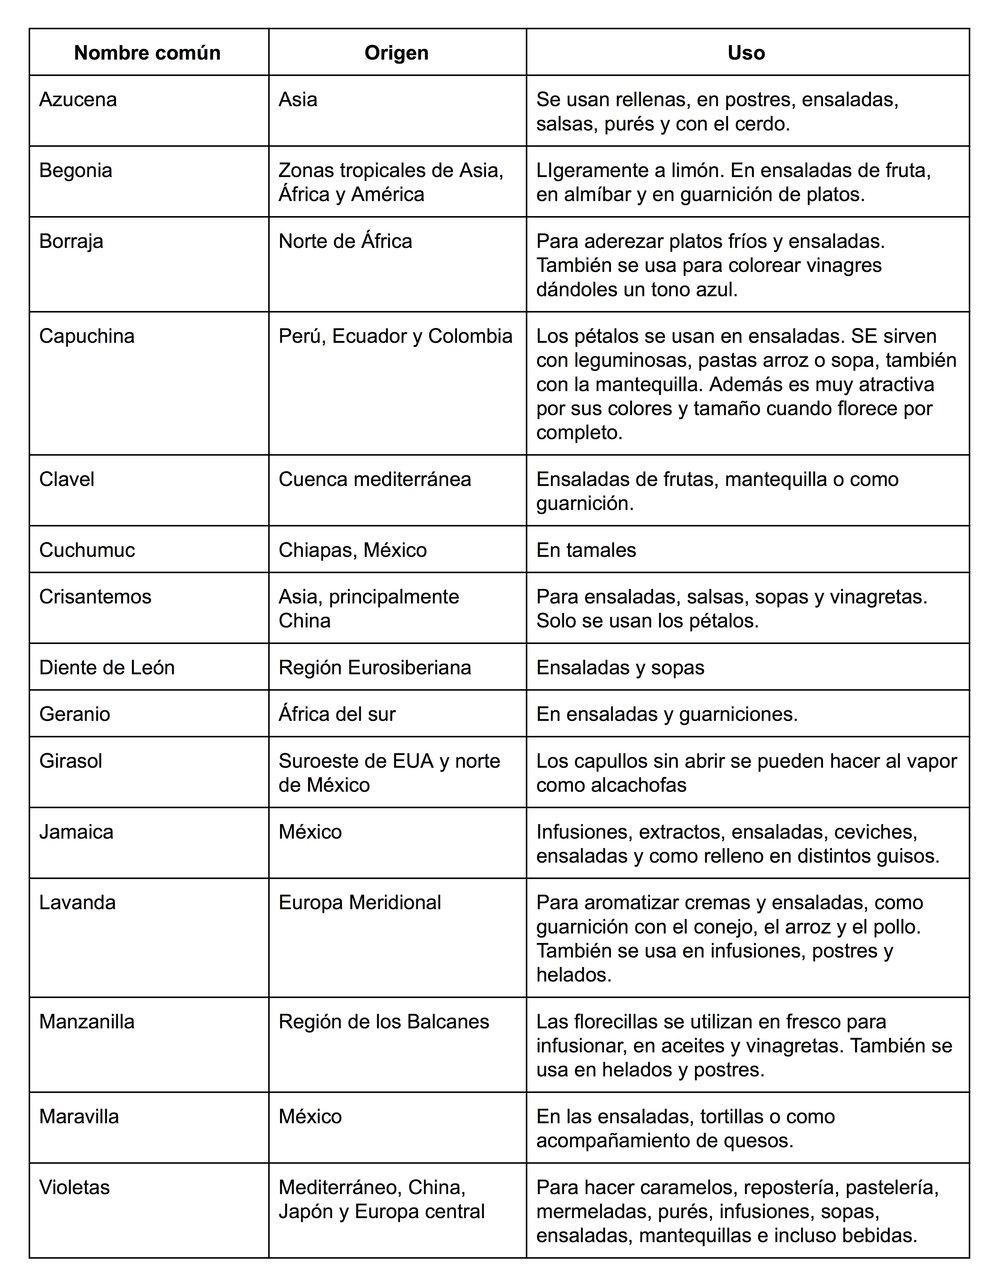 Rodríguez LM. Determinación de la actividad antioxidante de pétalos comestibles [disertación]. Departamento de Ingeniería Química (DEQ) Universitat Politècnica de Catalunya (UPC). Barcelona, España, 2009.